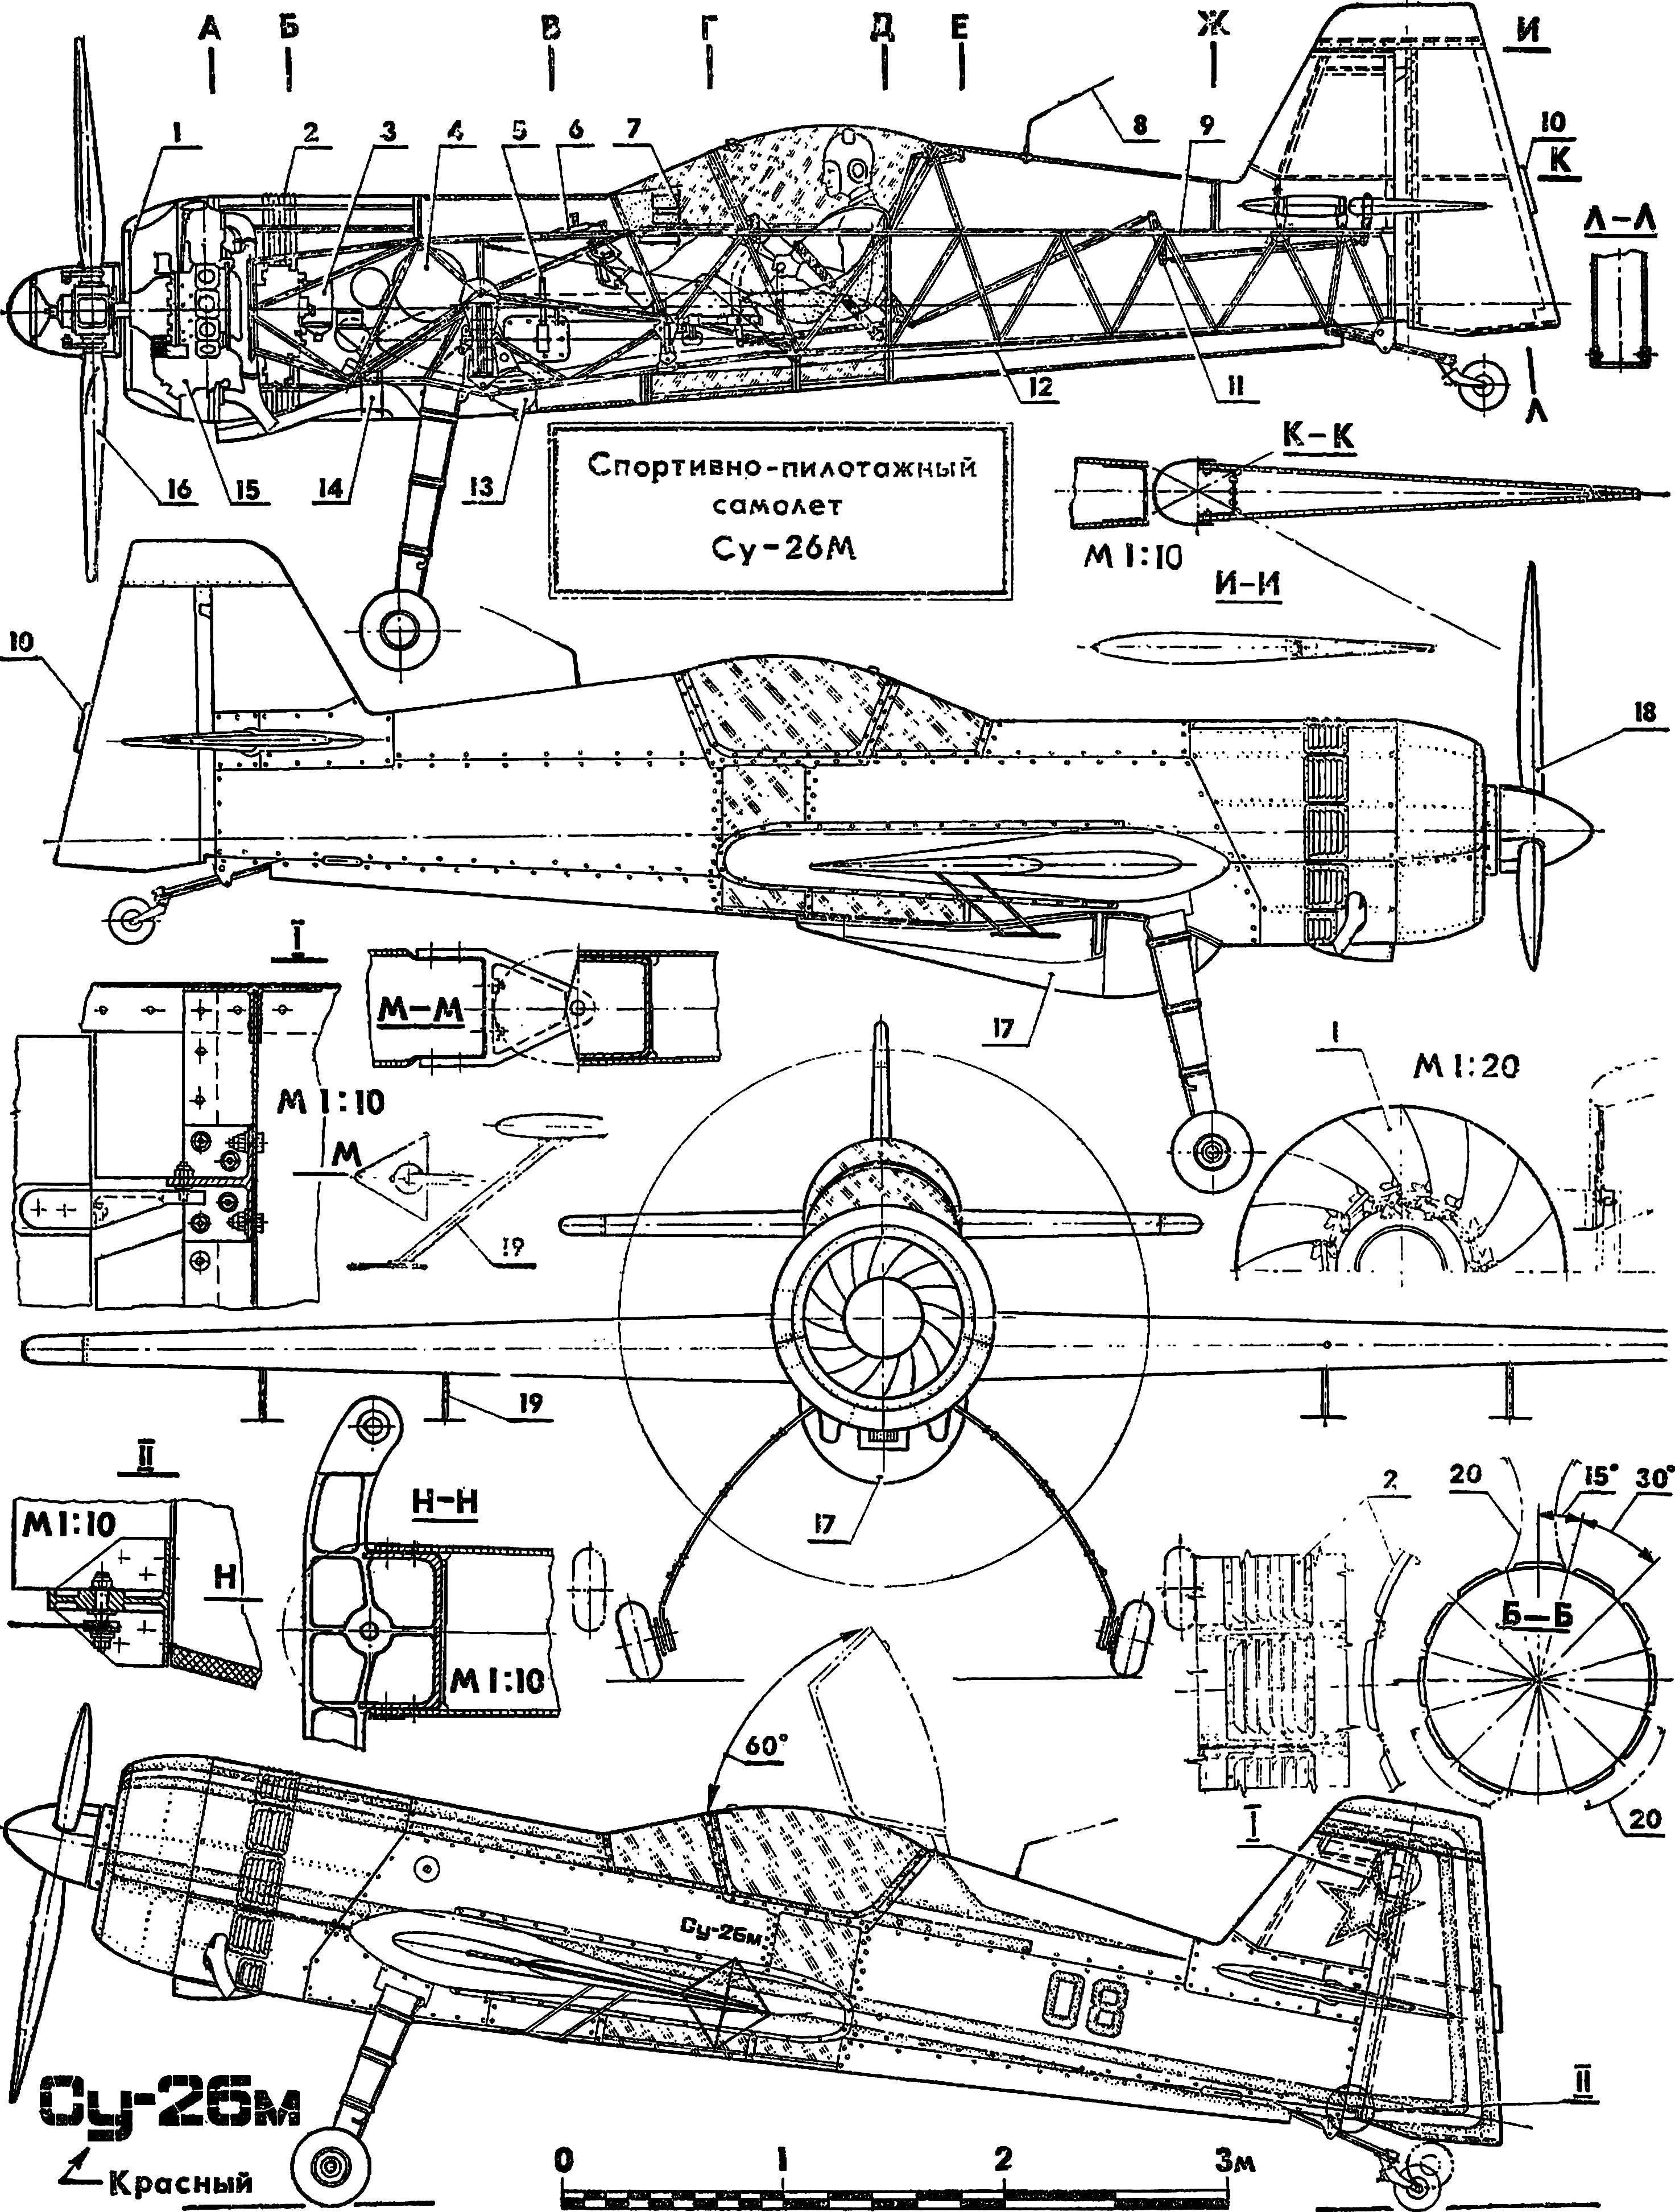 Спортивно-акробатический самолет Су-26М.